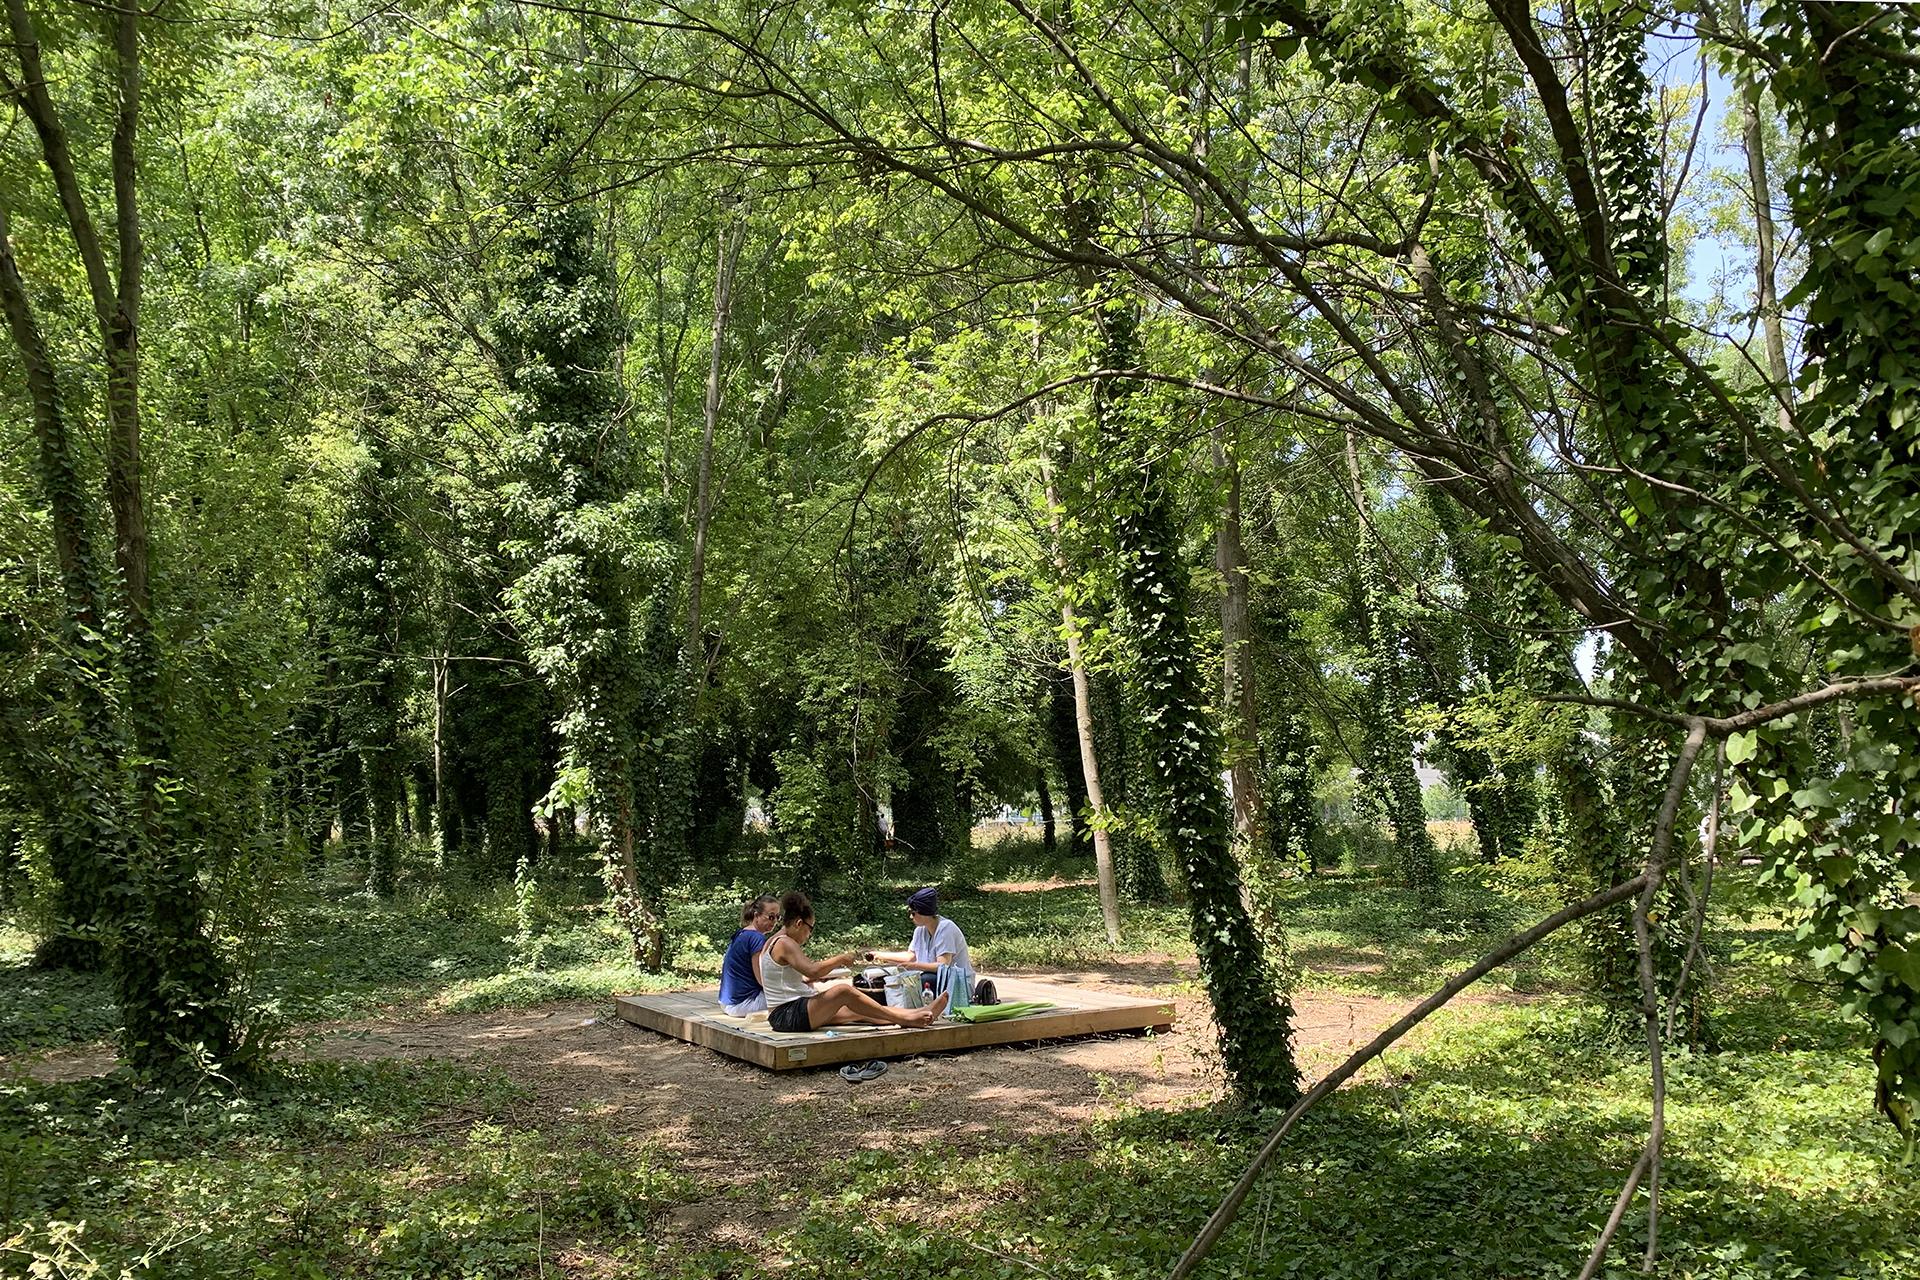 Le Parc du Bois des Noyers